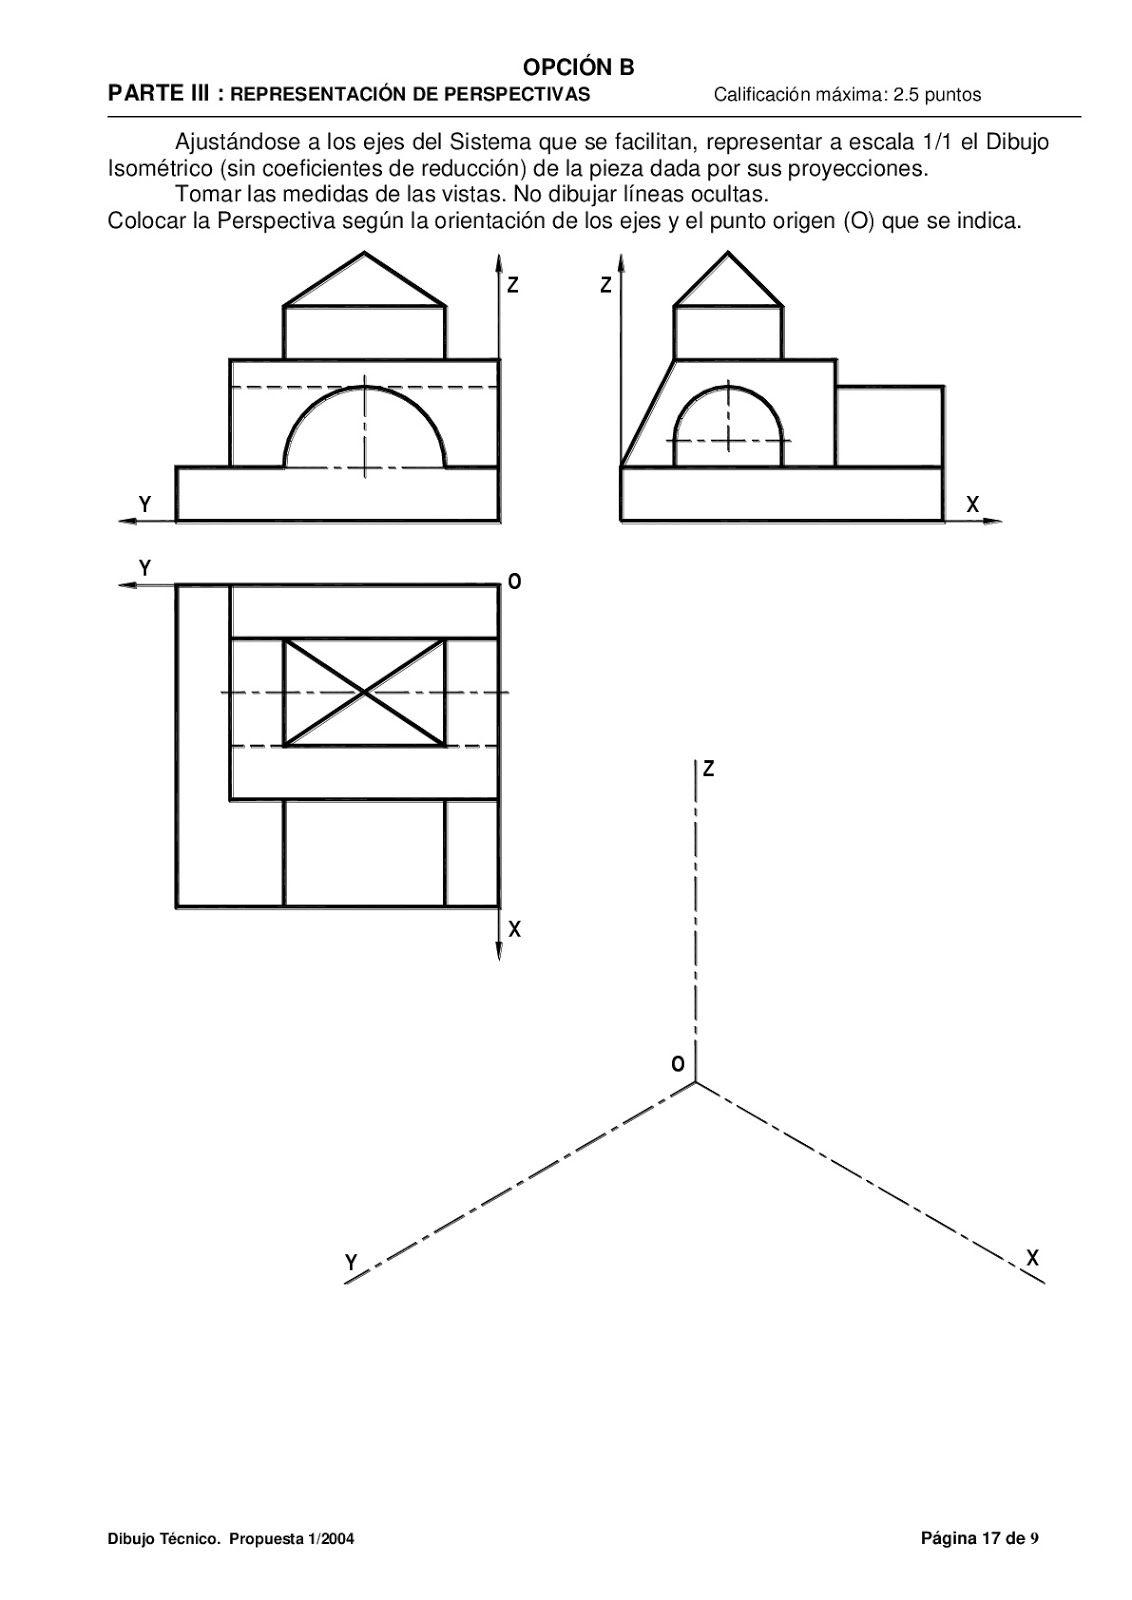 Examenes De Evaluacion Bachillerato Dibujo Tecnico Para El Acceso A La Universidad Ebau 2018 Convocator Tecnicas De Dibujo Dibujo Tecnico Ejercicios Examen